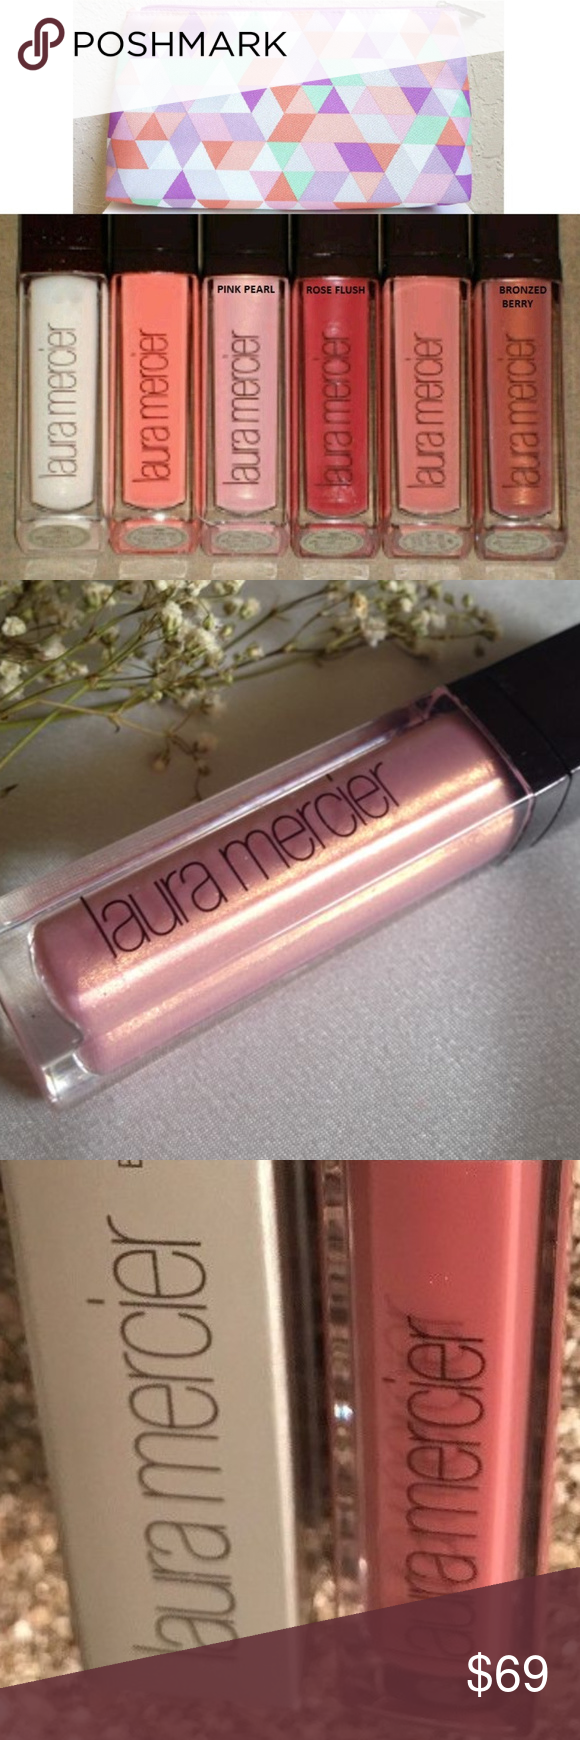 6 Laura Mercier Lip Plumpers Clinique Makeup Bag Clinique Makeup Lip Plumper Lip Moisturizer